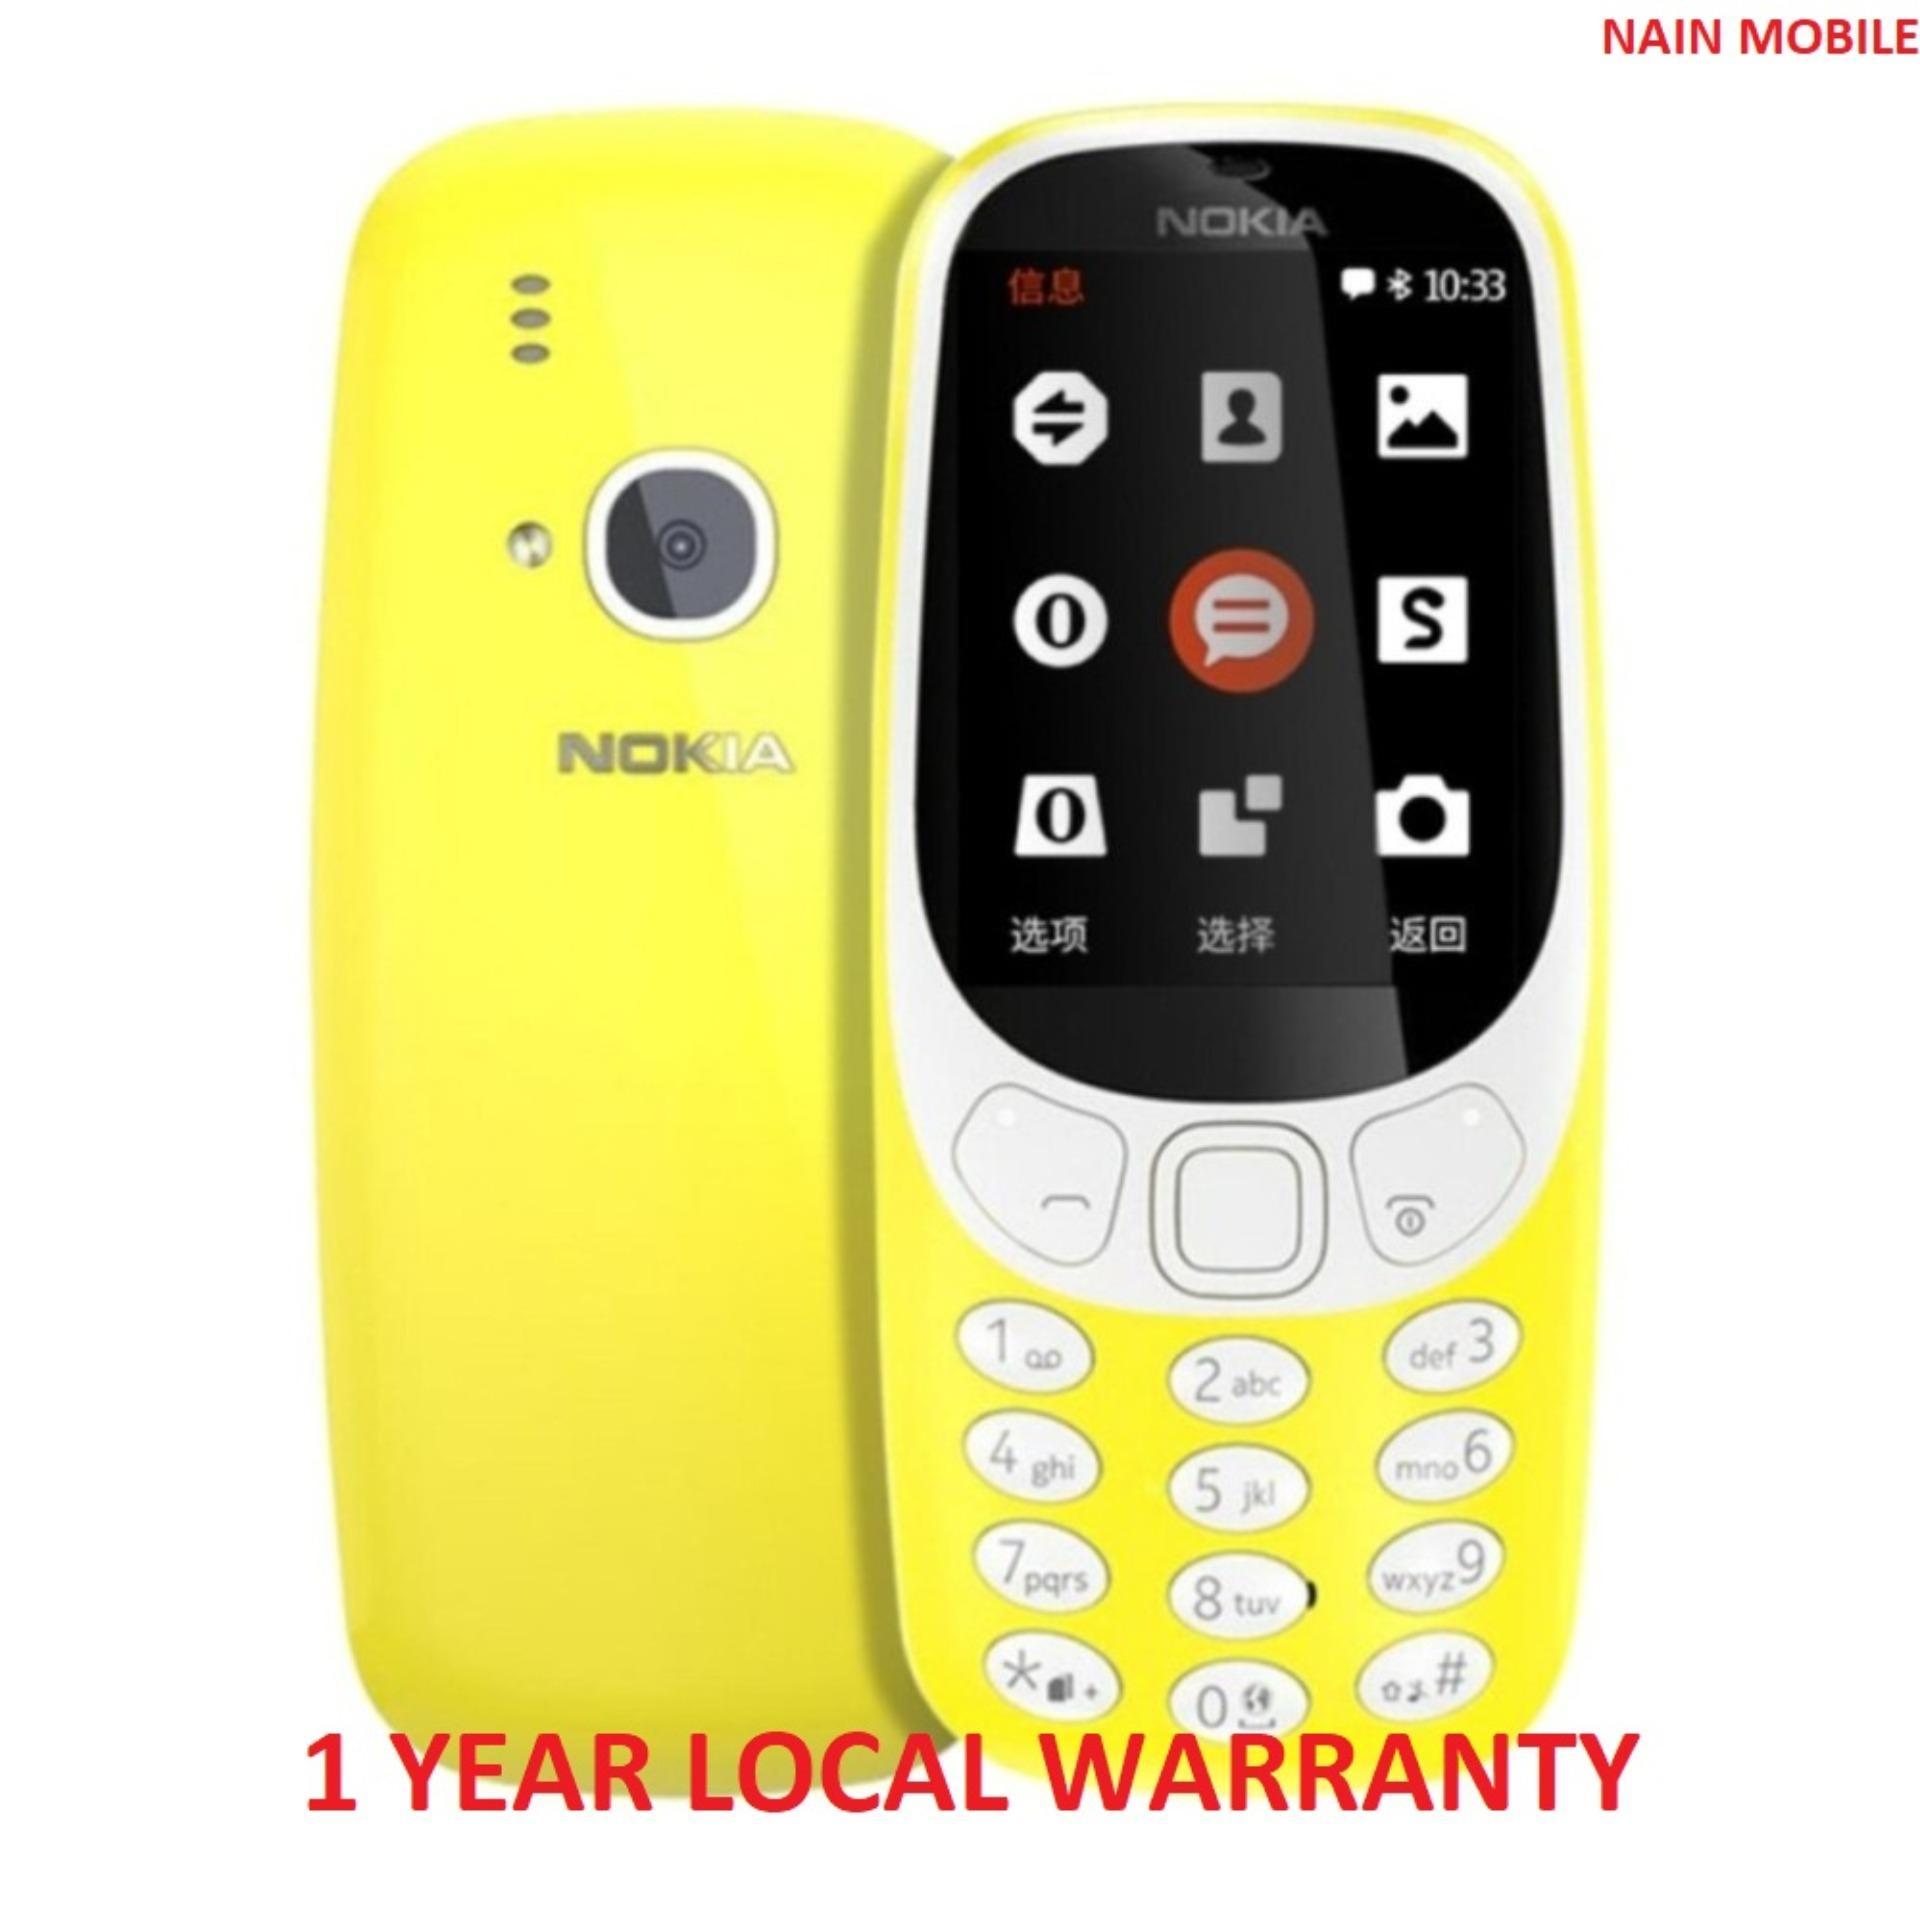 56976eb7985 Nokia Singapore - Shop Nokia Phones Online At Best Price